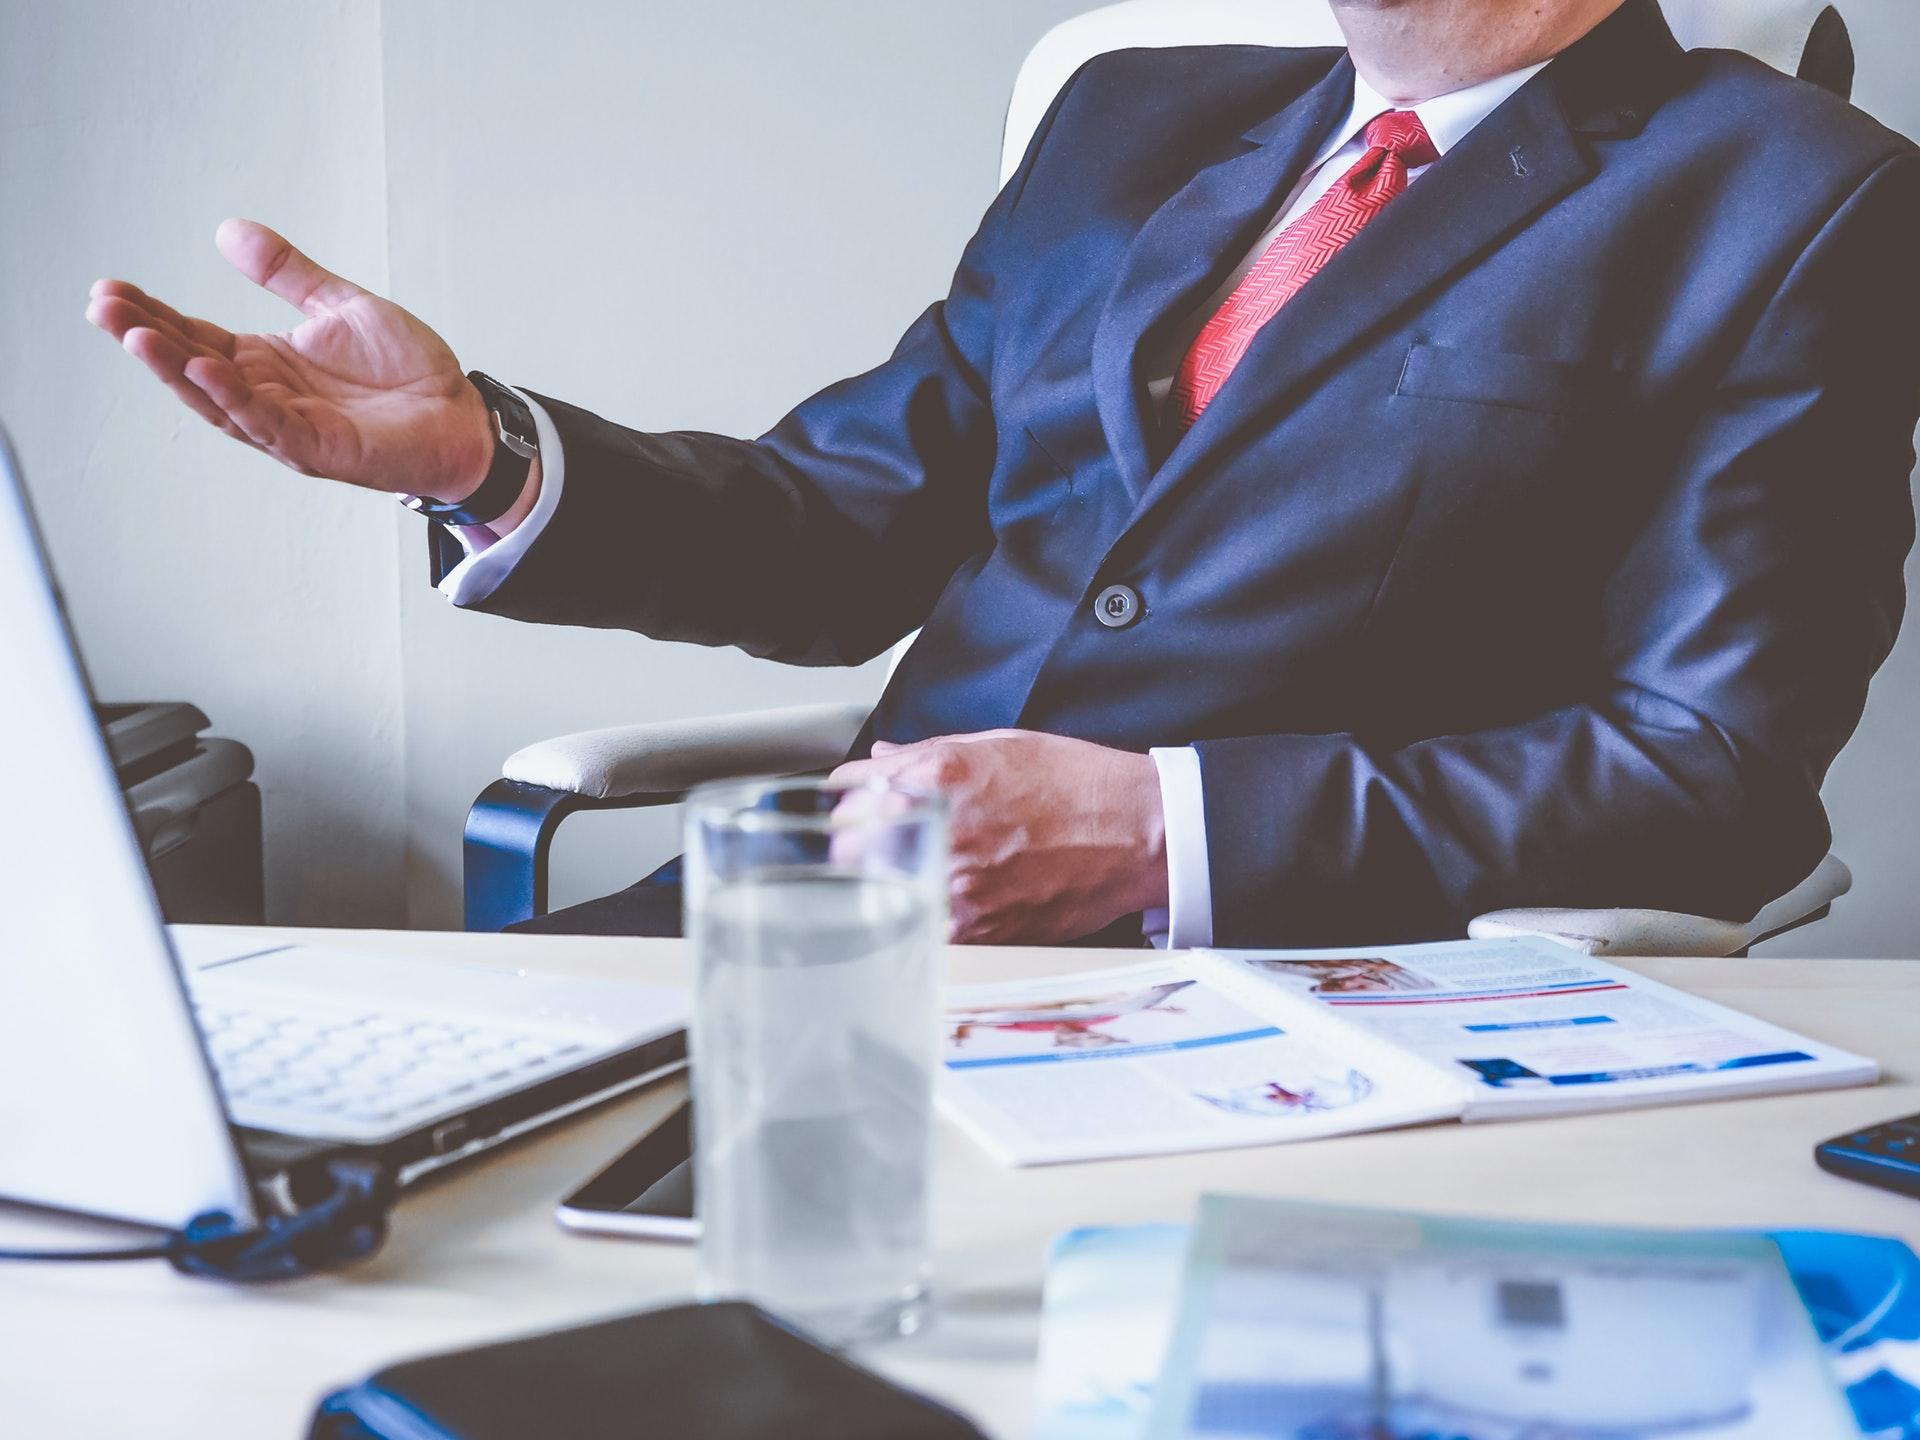 Authentiek leiderschap: waarom 'echt zijn' niet verzwakt maar juist versterkt